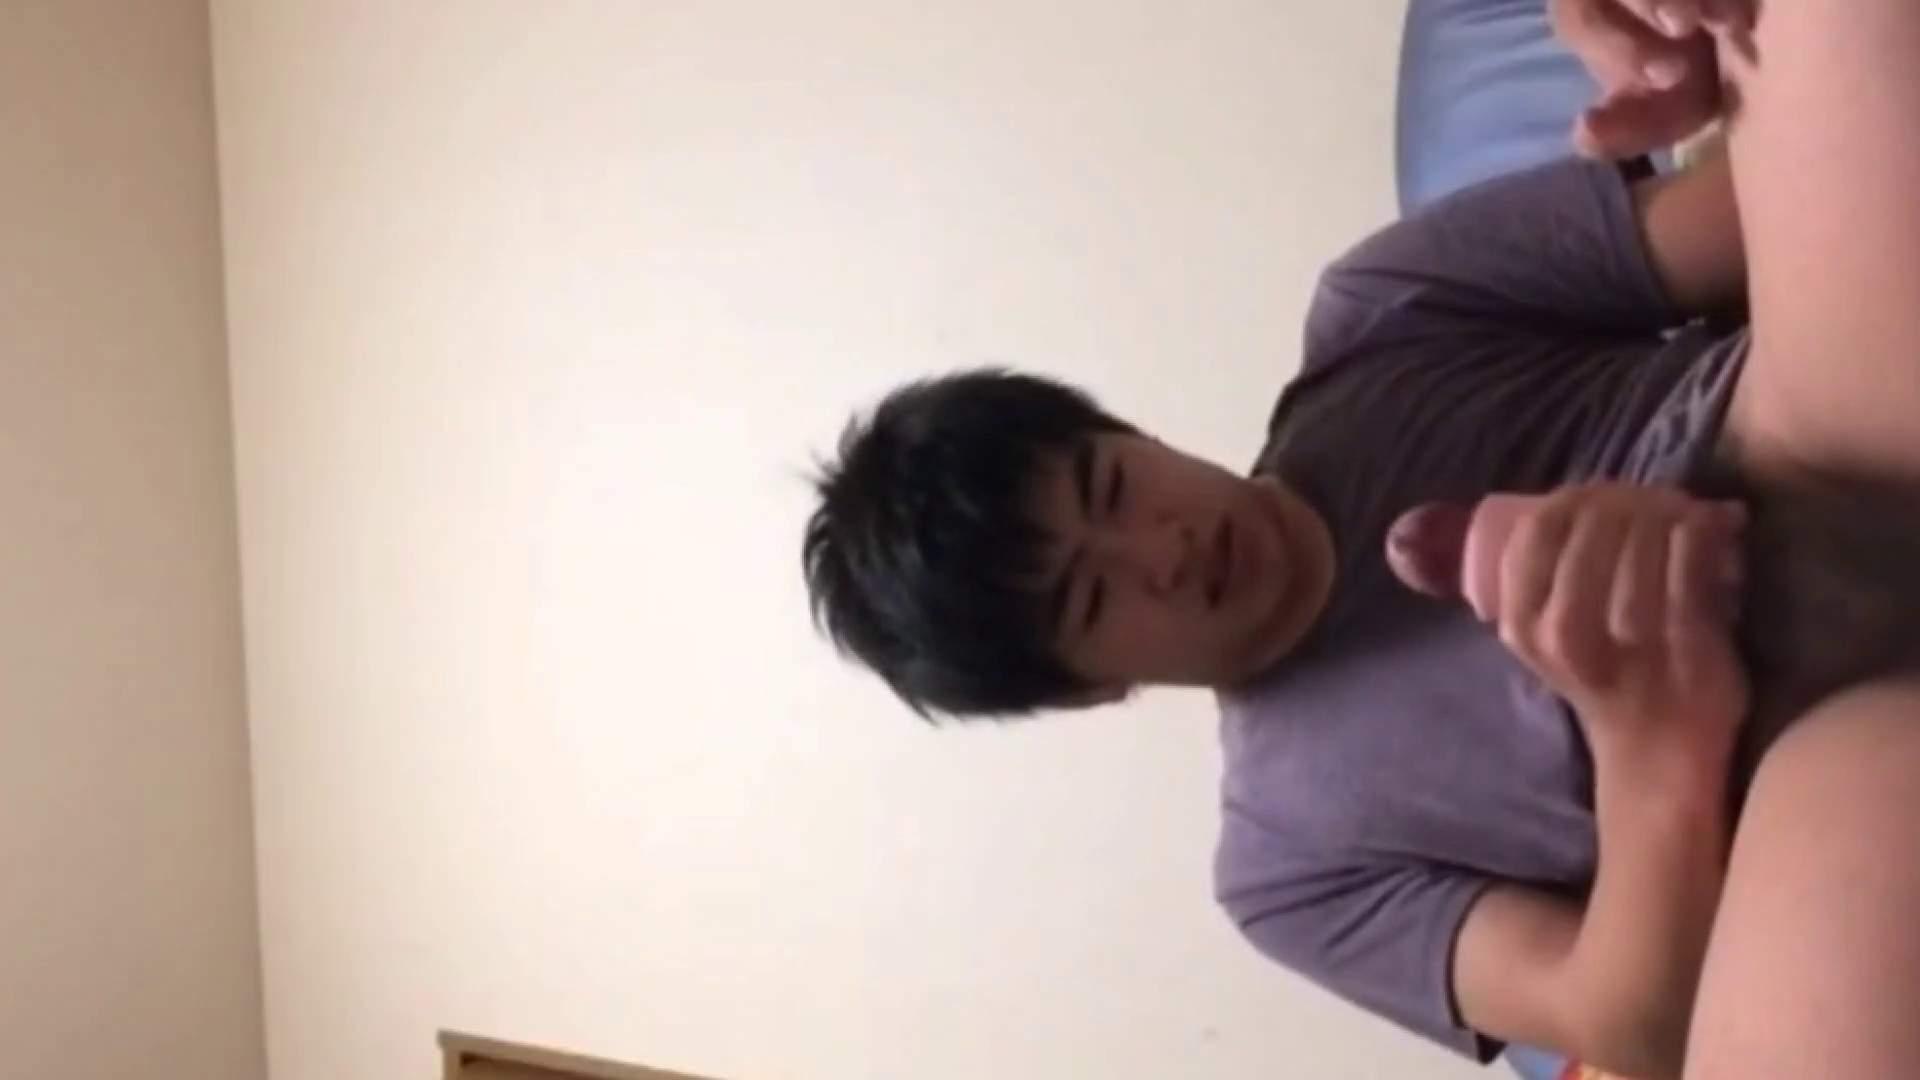 大人の男を夢見るBOYS Vol.61 無修正 ゲイアダルトビデオ画像 84pic 18